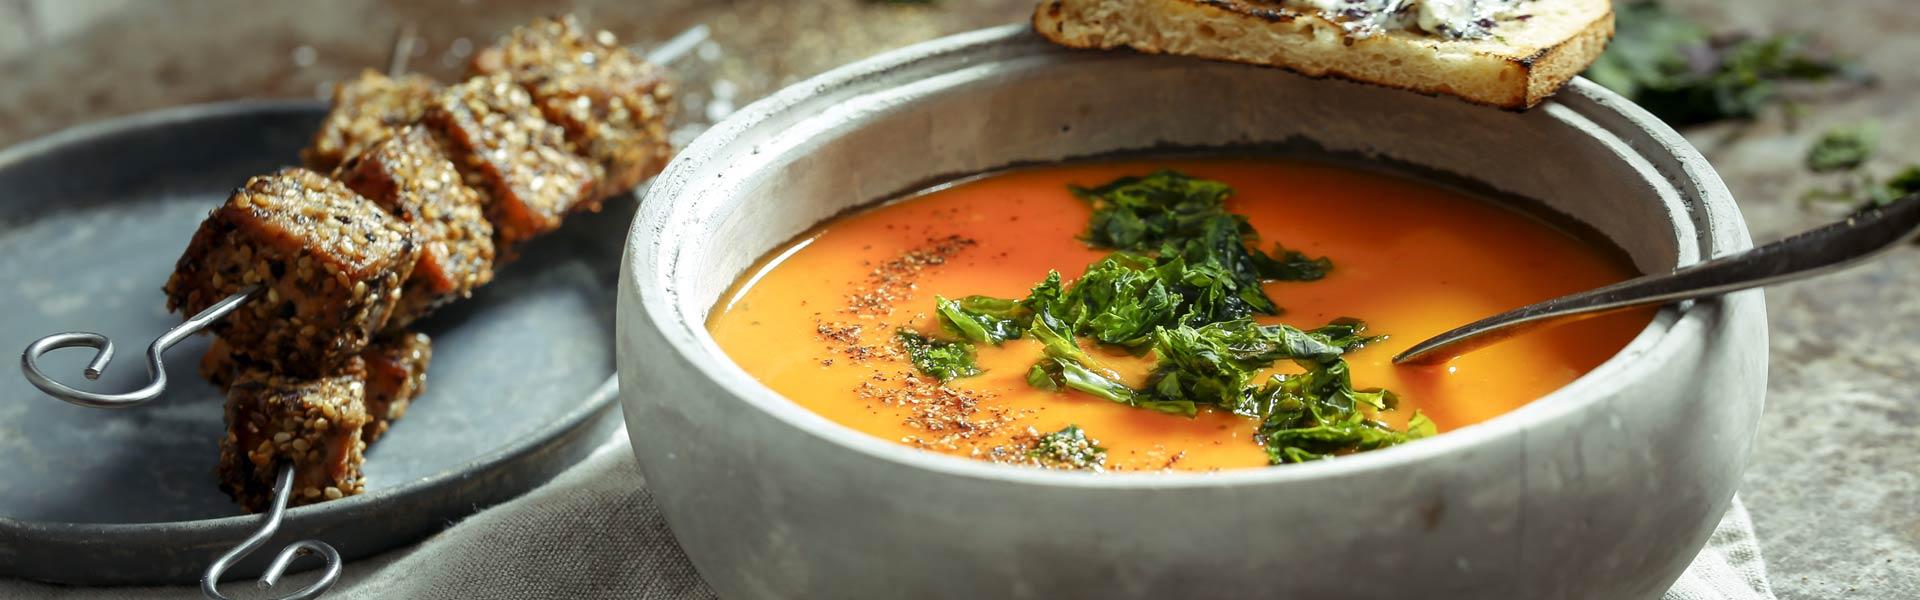 Meeresalgen Rezept Suppe